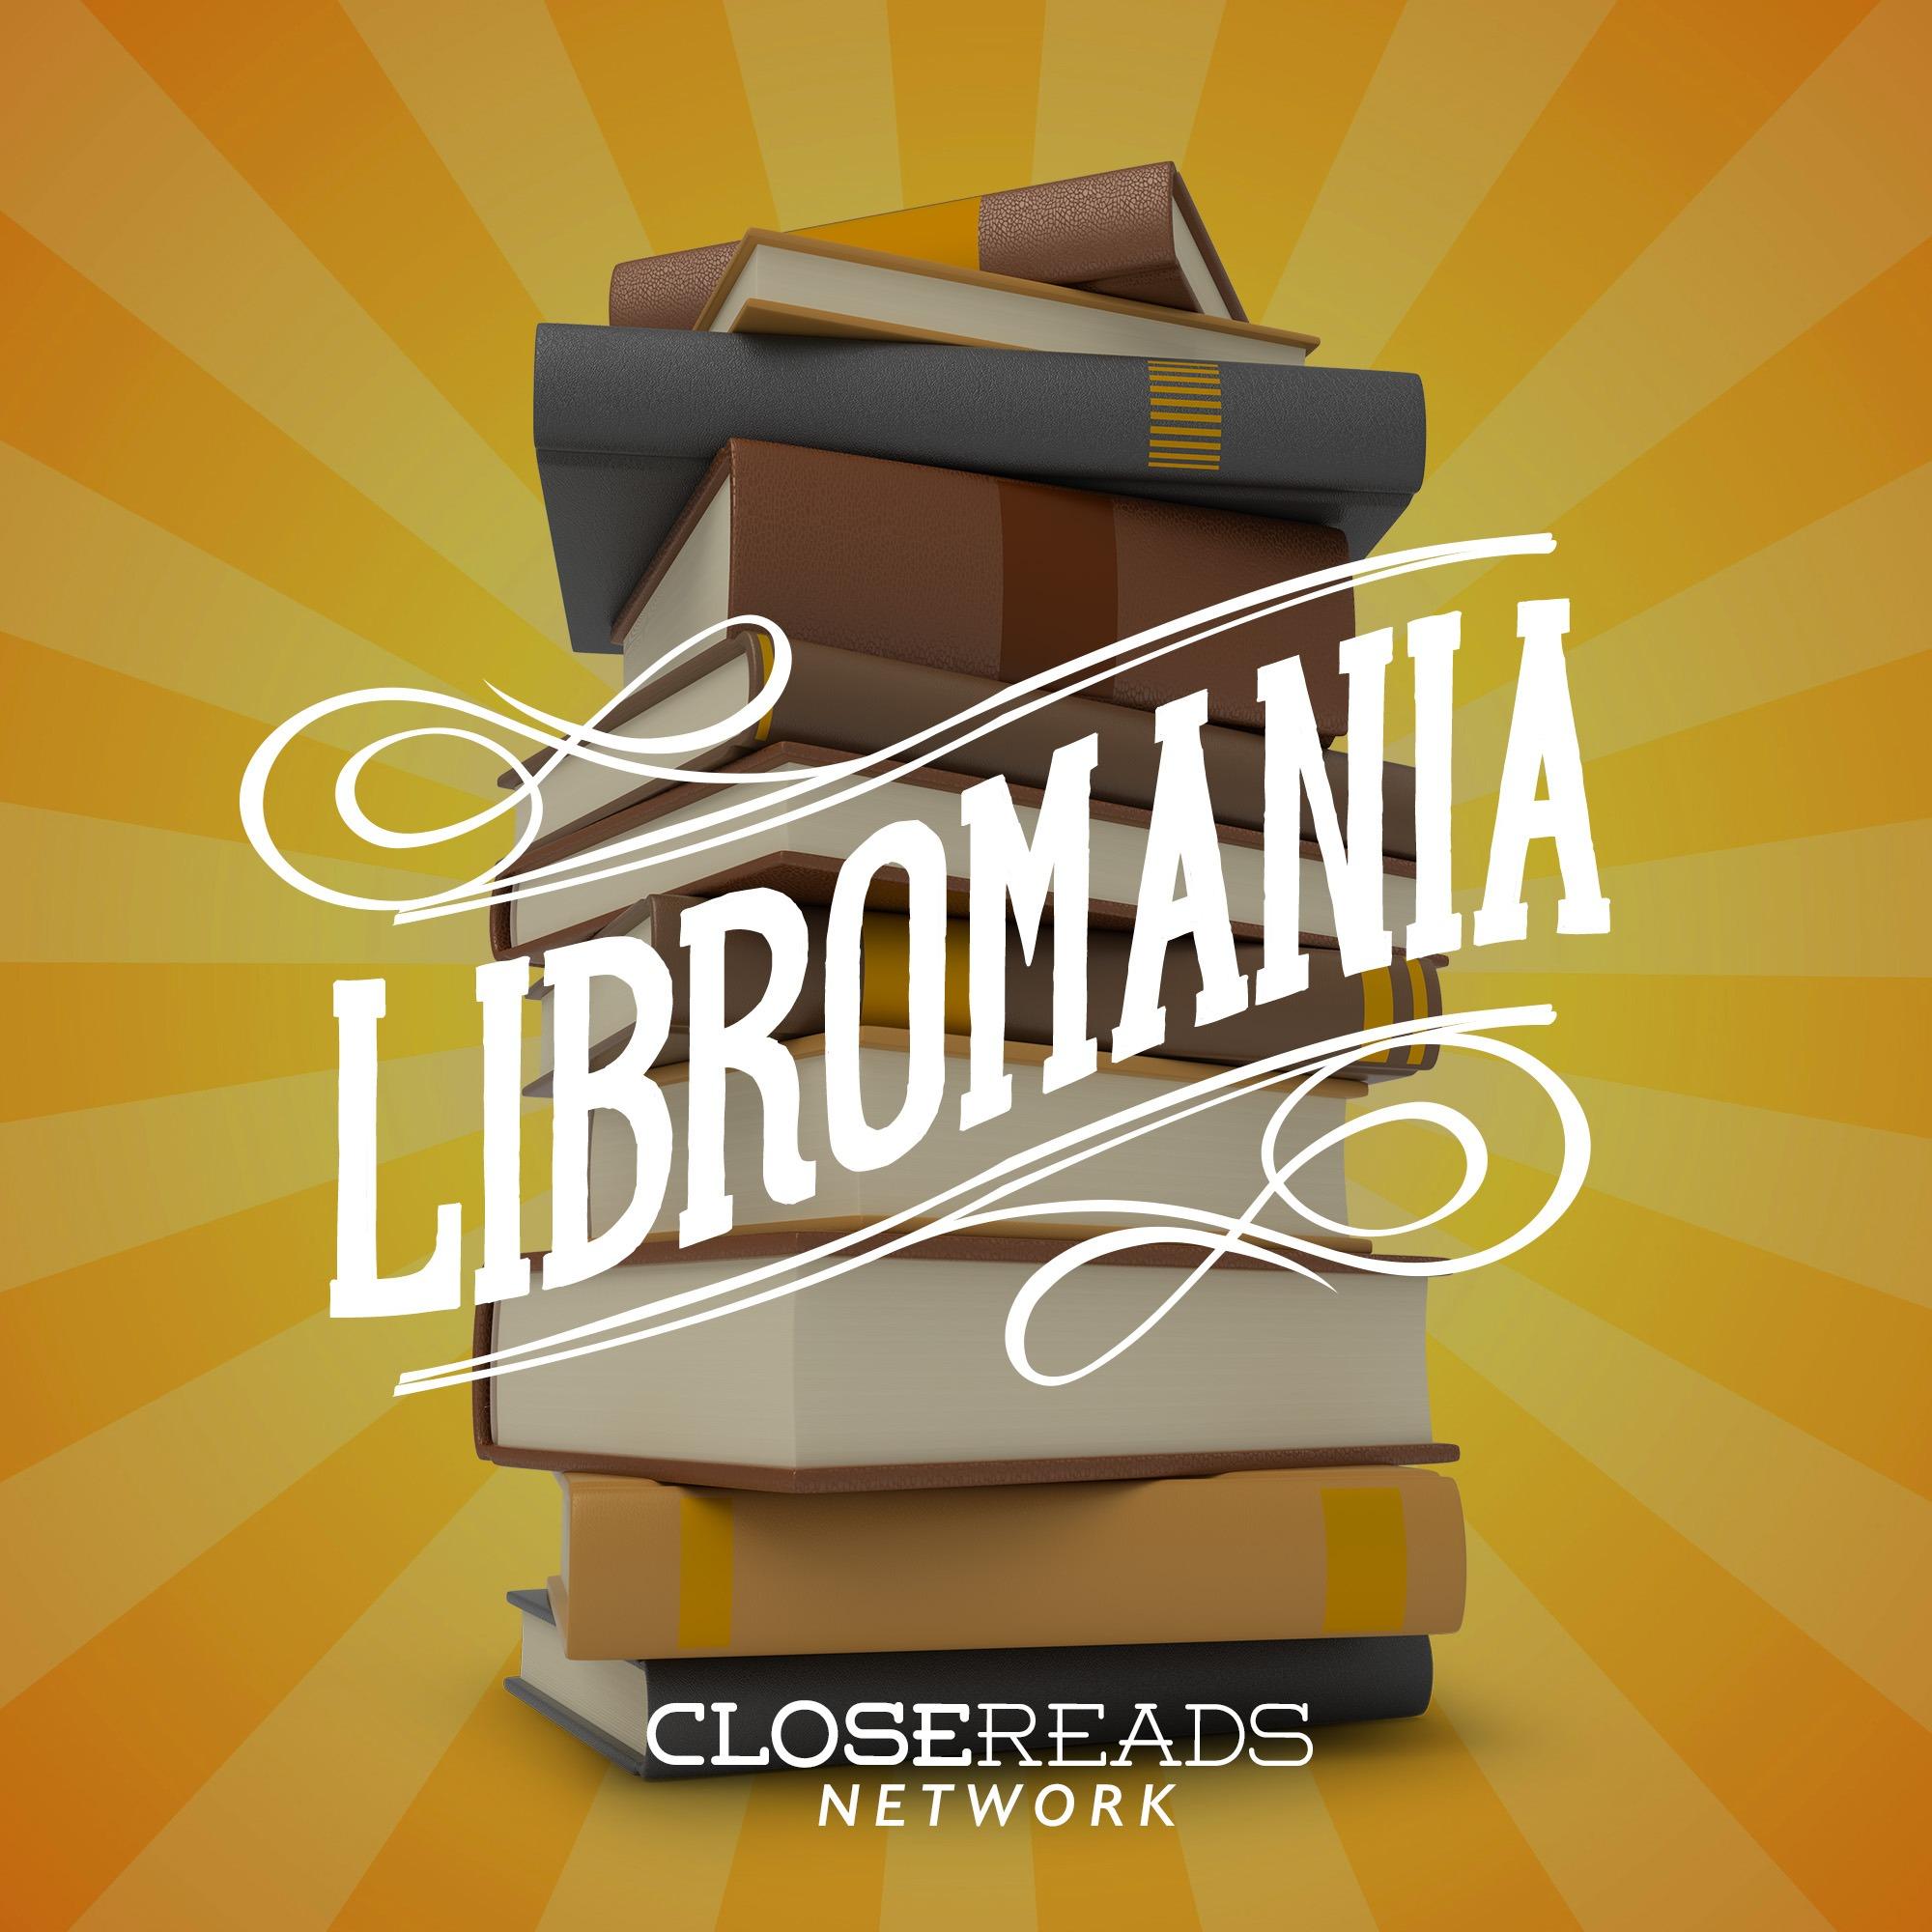 libromania_podcast_square.jpeg